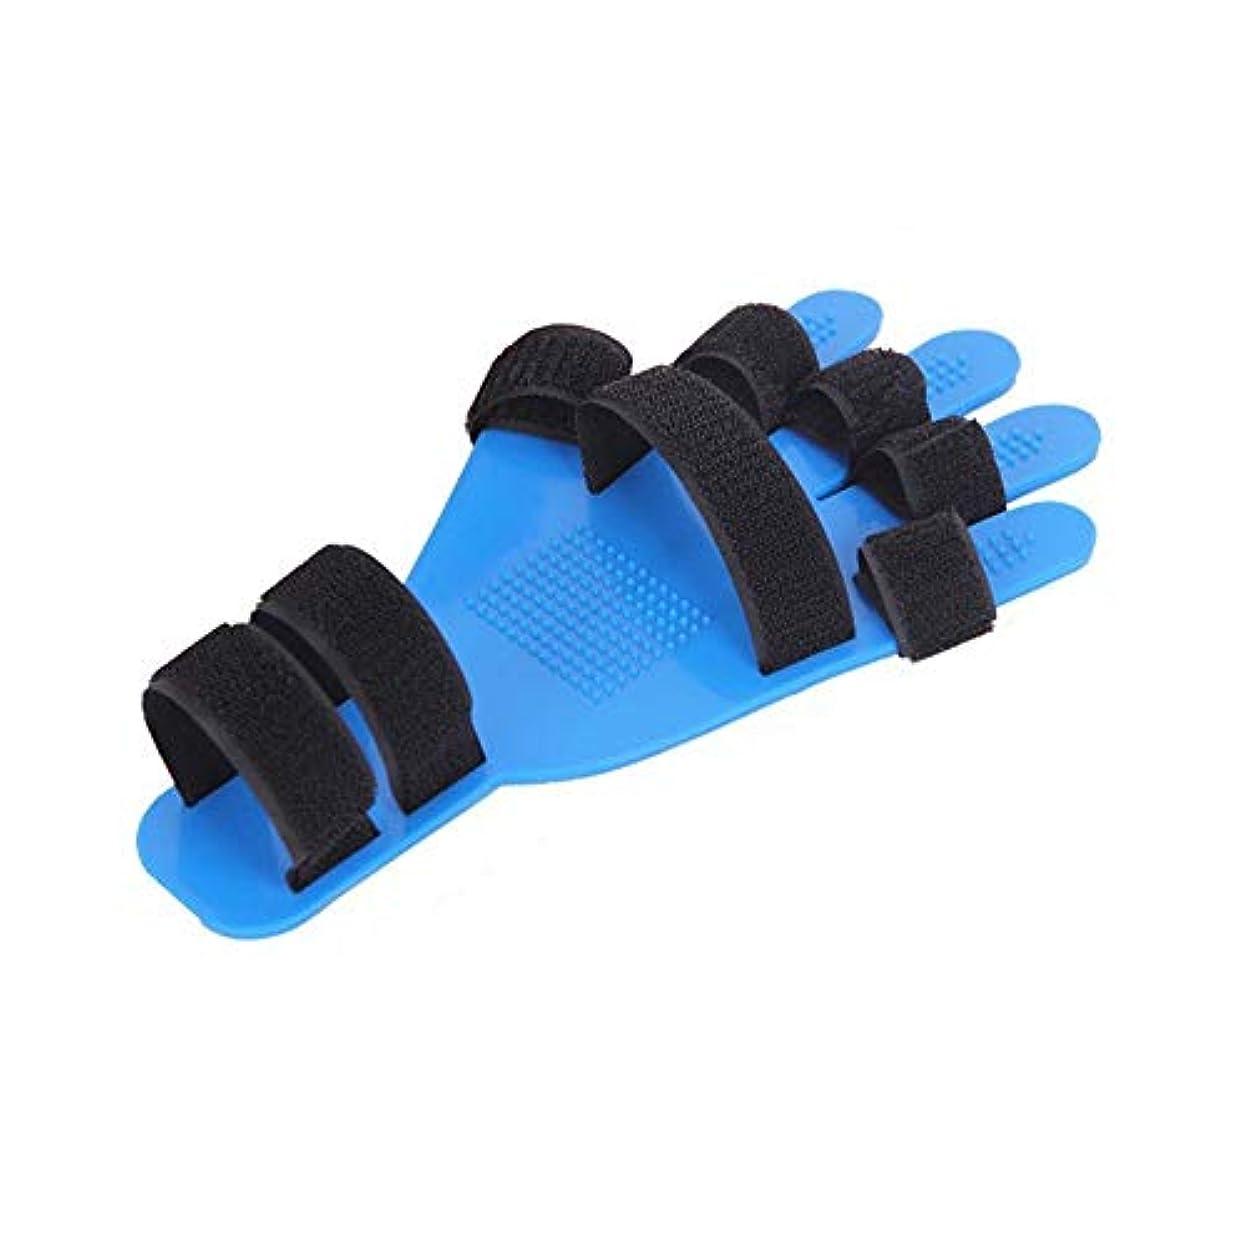 賞賛愛人梨指トレーニングボード 指の訓練板 指サポーター 修正指板 指の添え木指板 指リハビリ訓練器具 調節可能 左右手通用